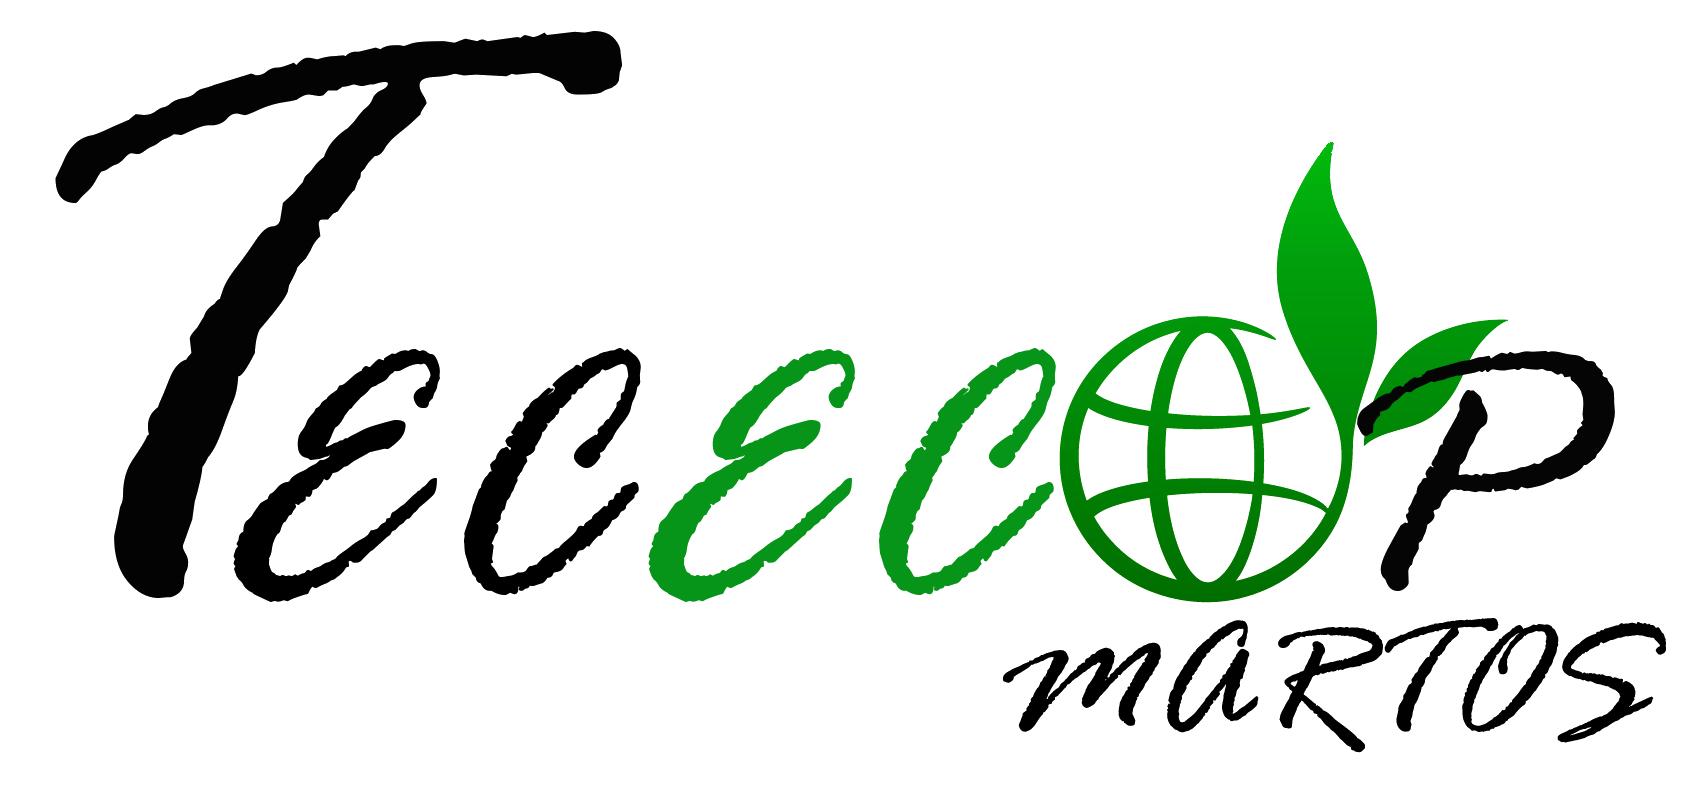 Tececop